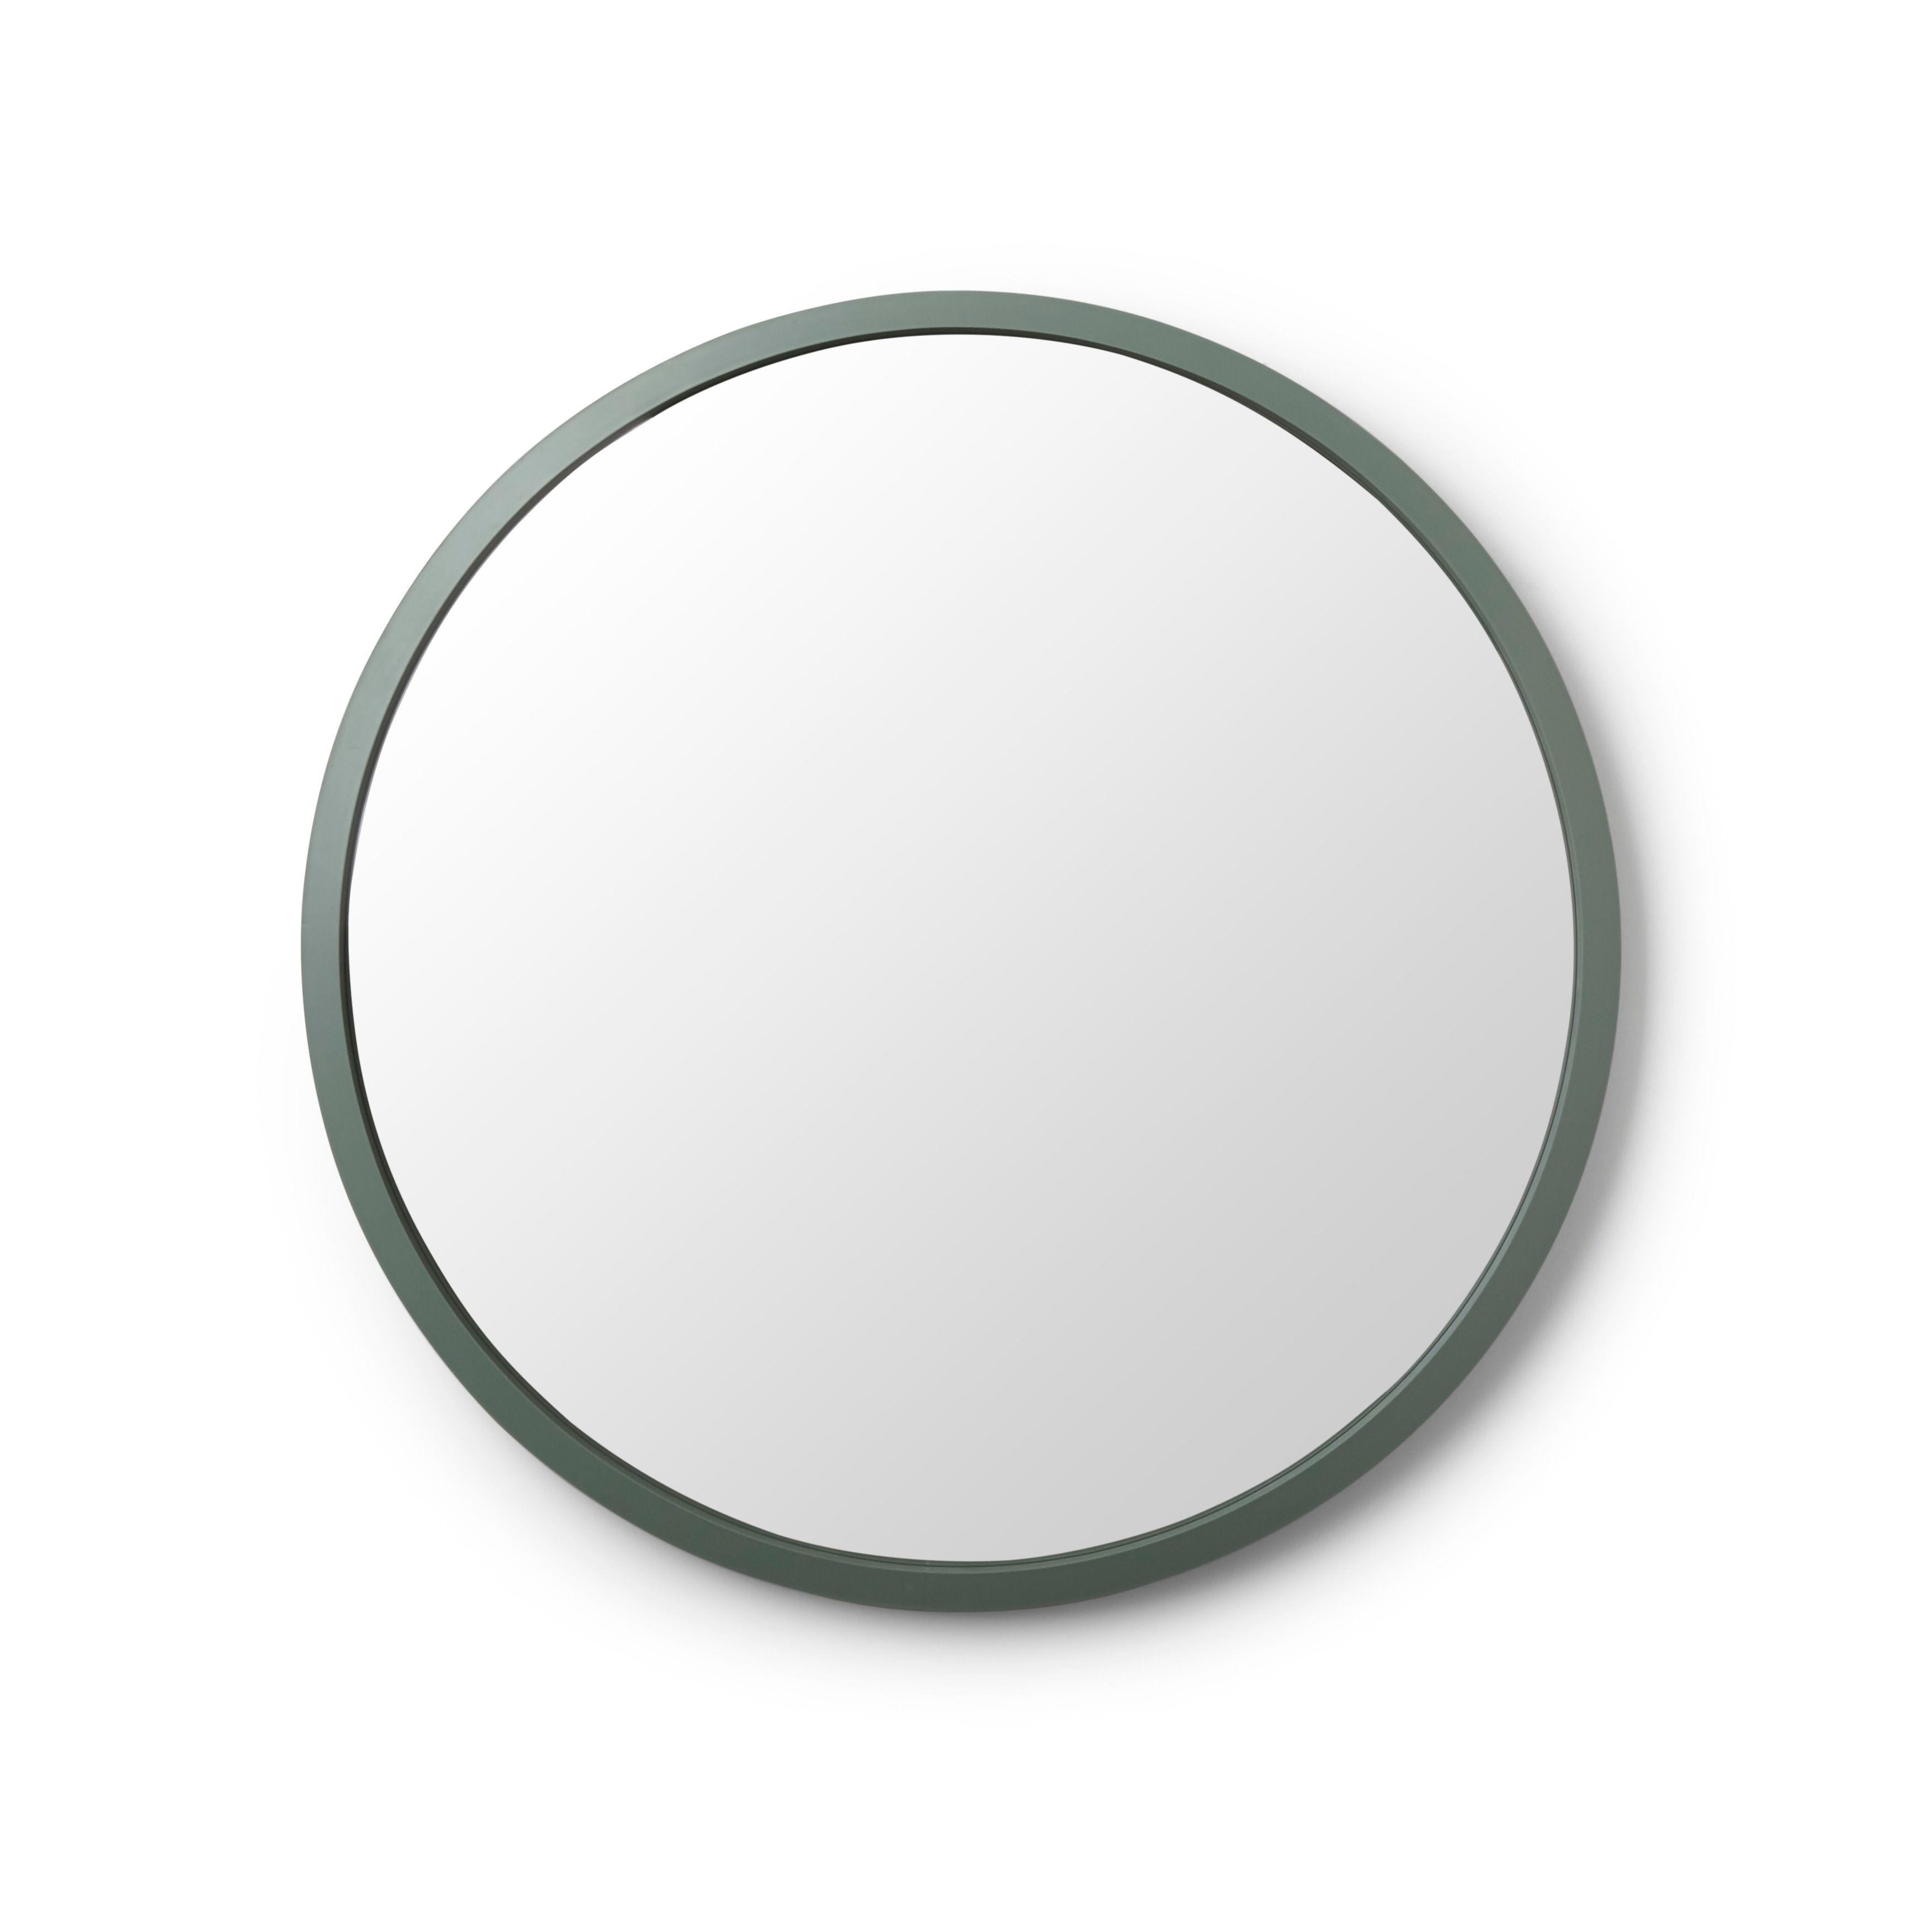 Umbra Hub 24 Inch Round Modern Wall Mount Mirror Accent Mirrors Mirror Mirror Wall